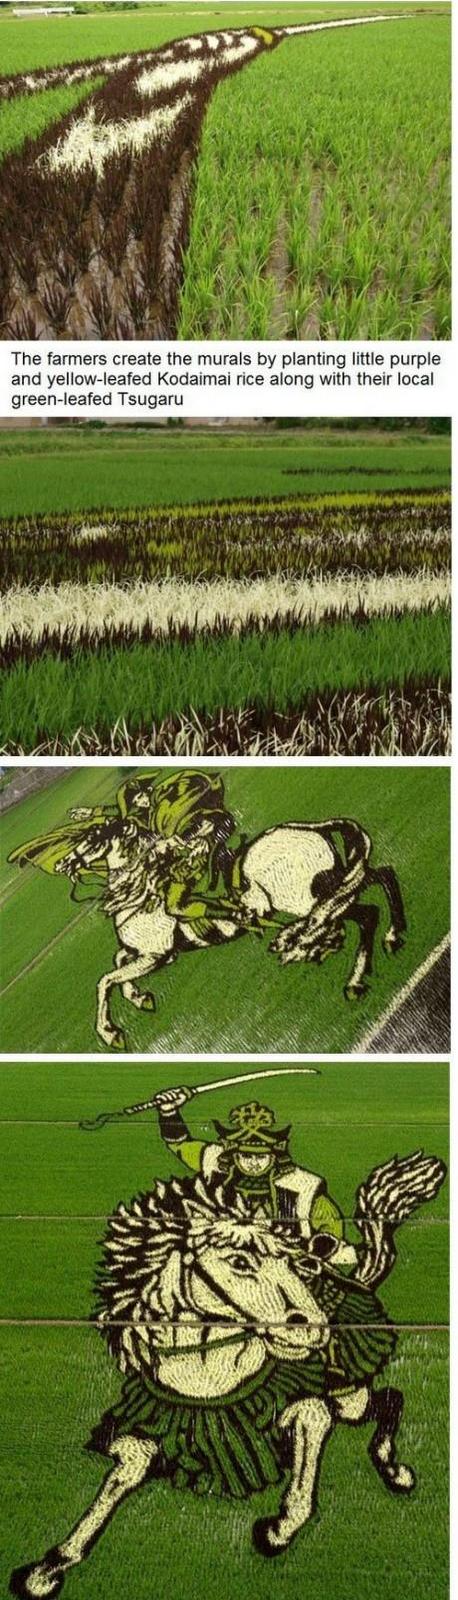 gambar lukisan di sawah padi jepun